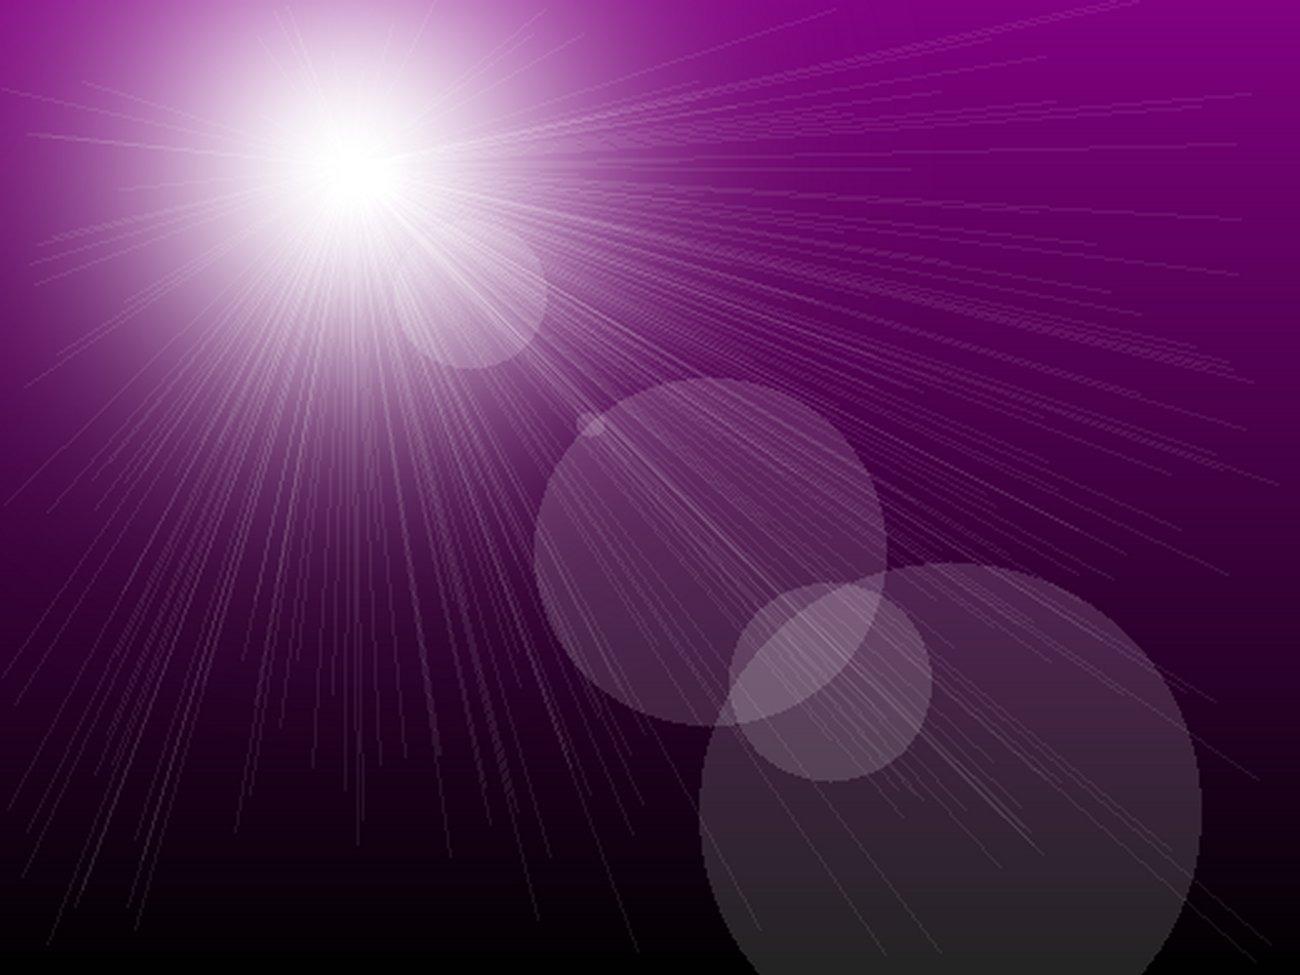 sunburst purple gradient